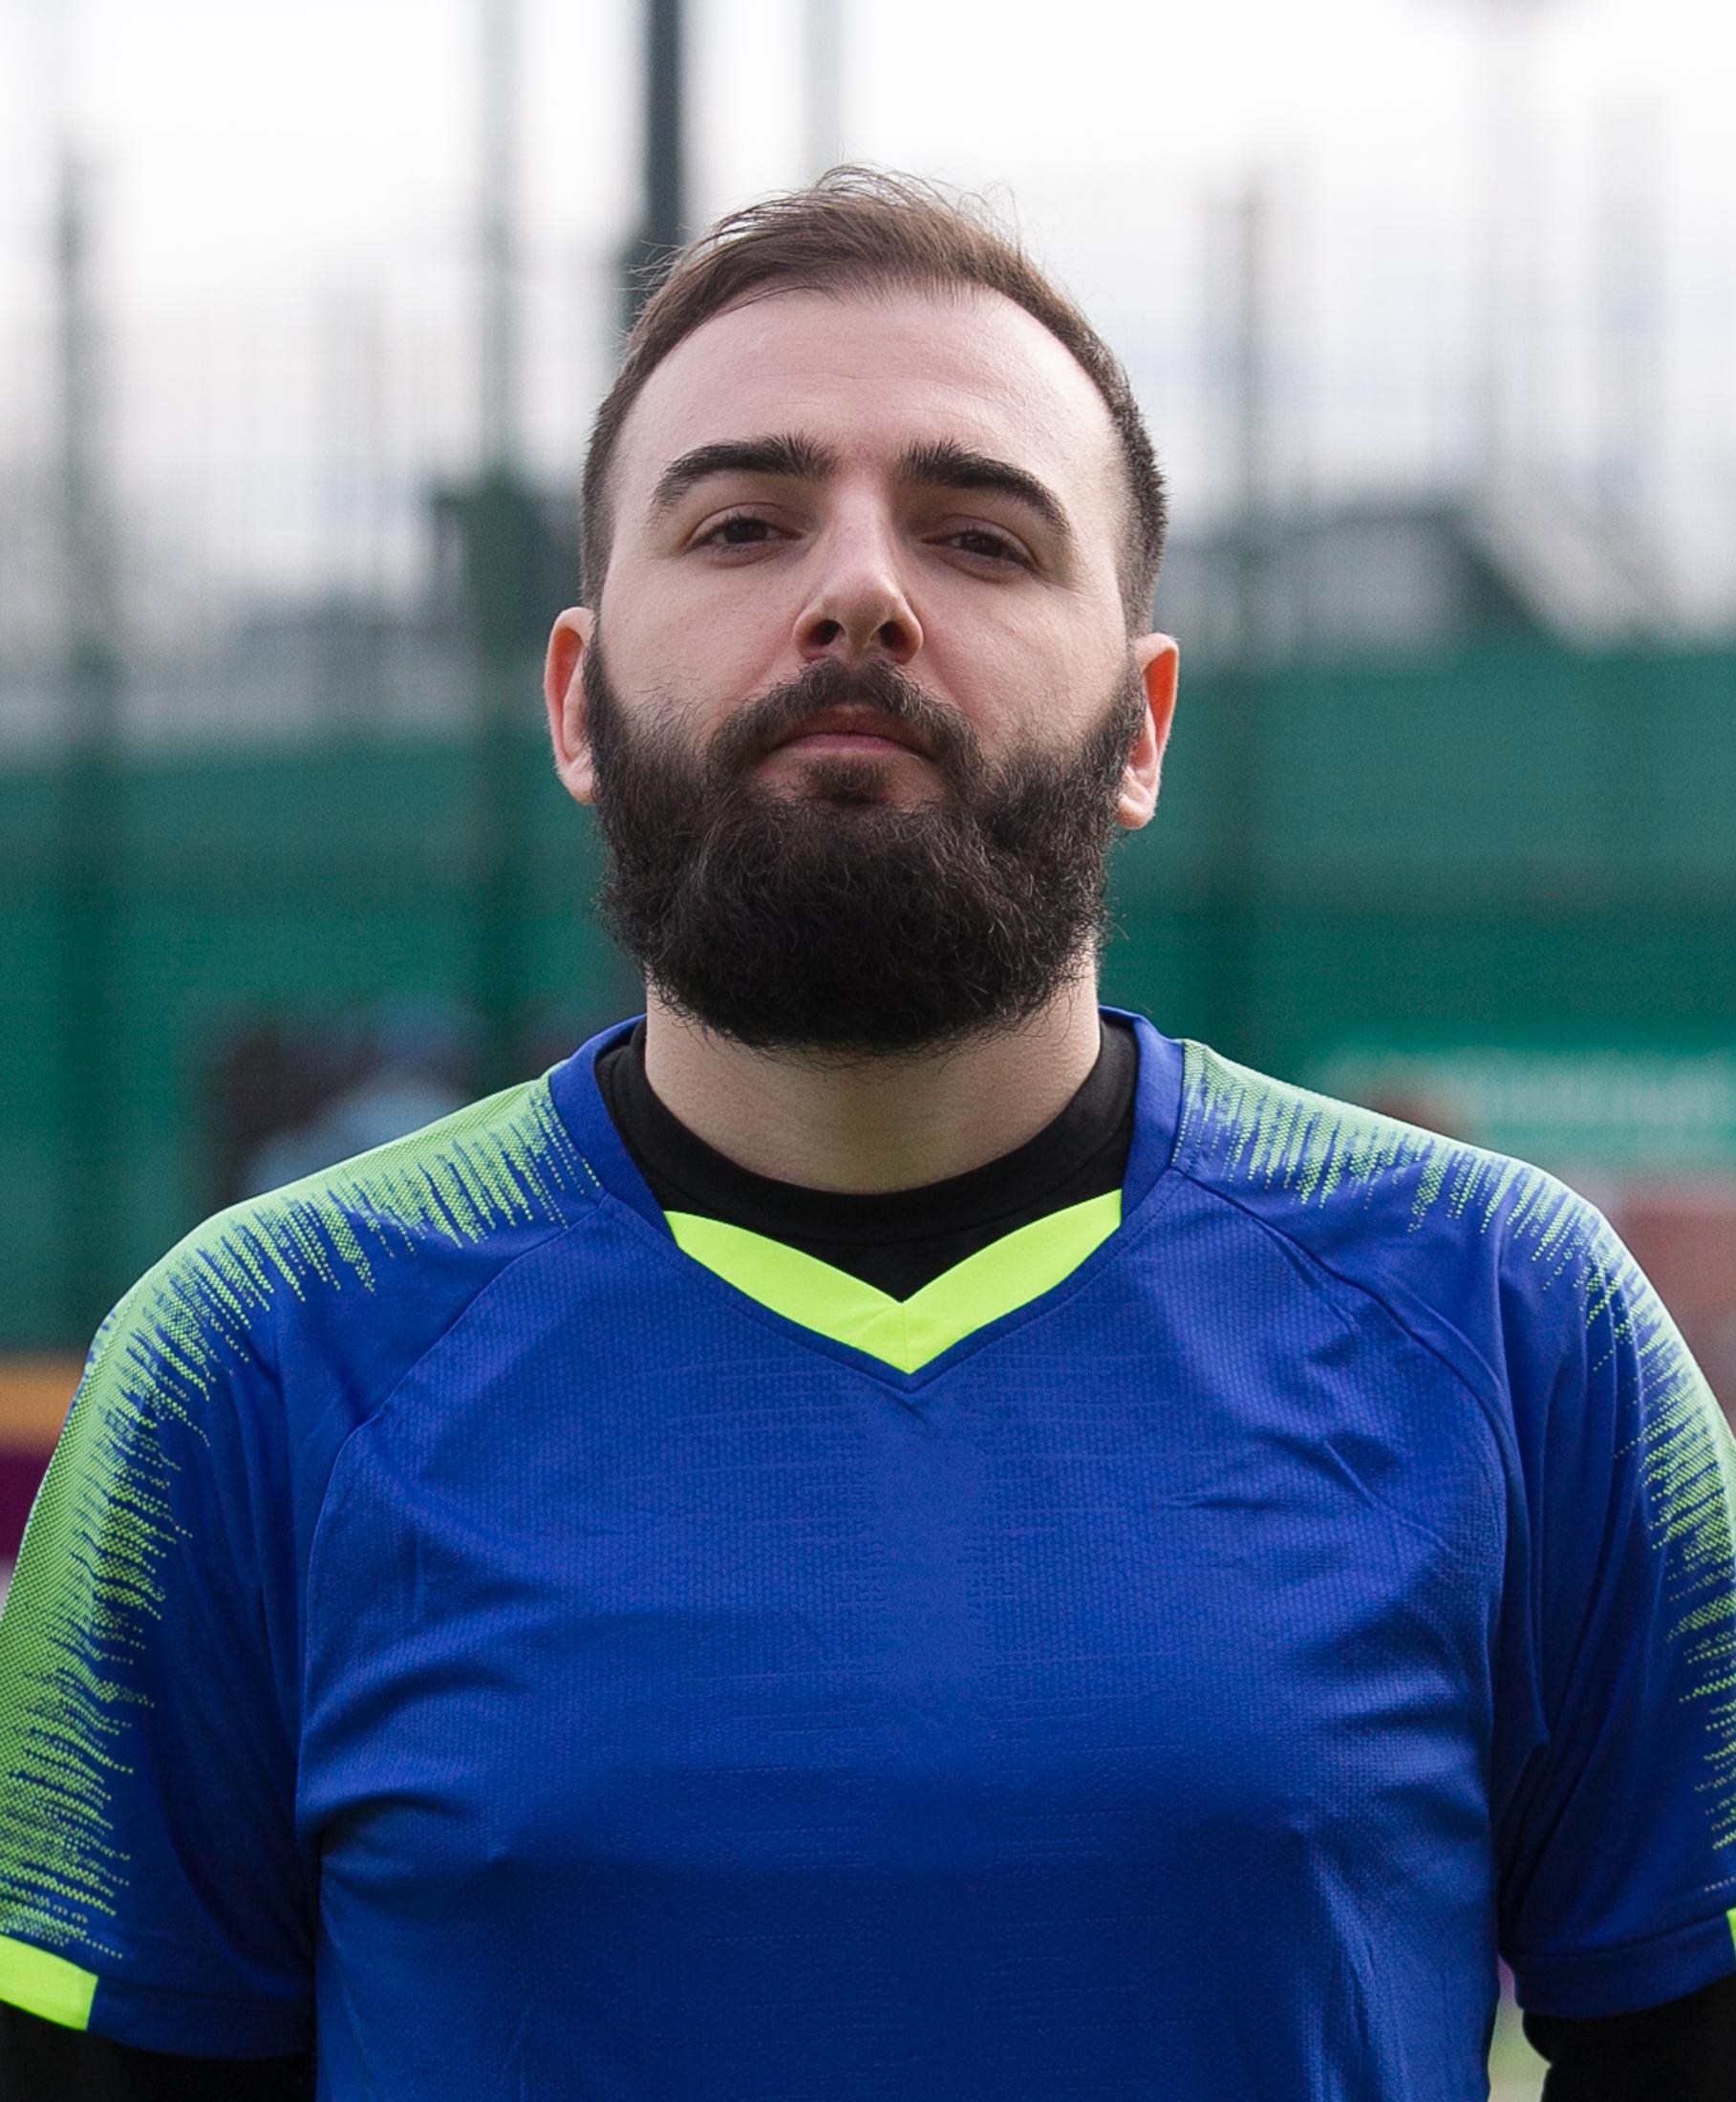 Байшев Дмитрий